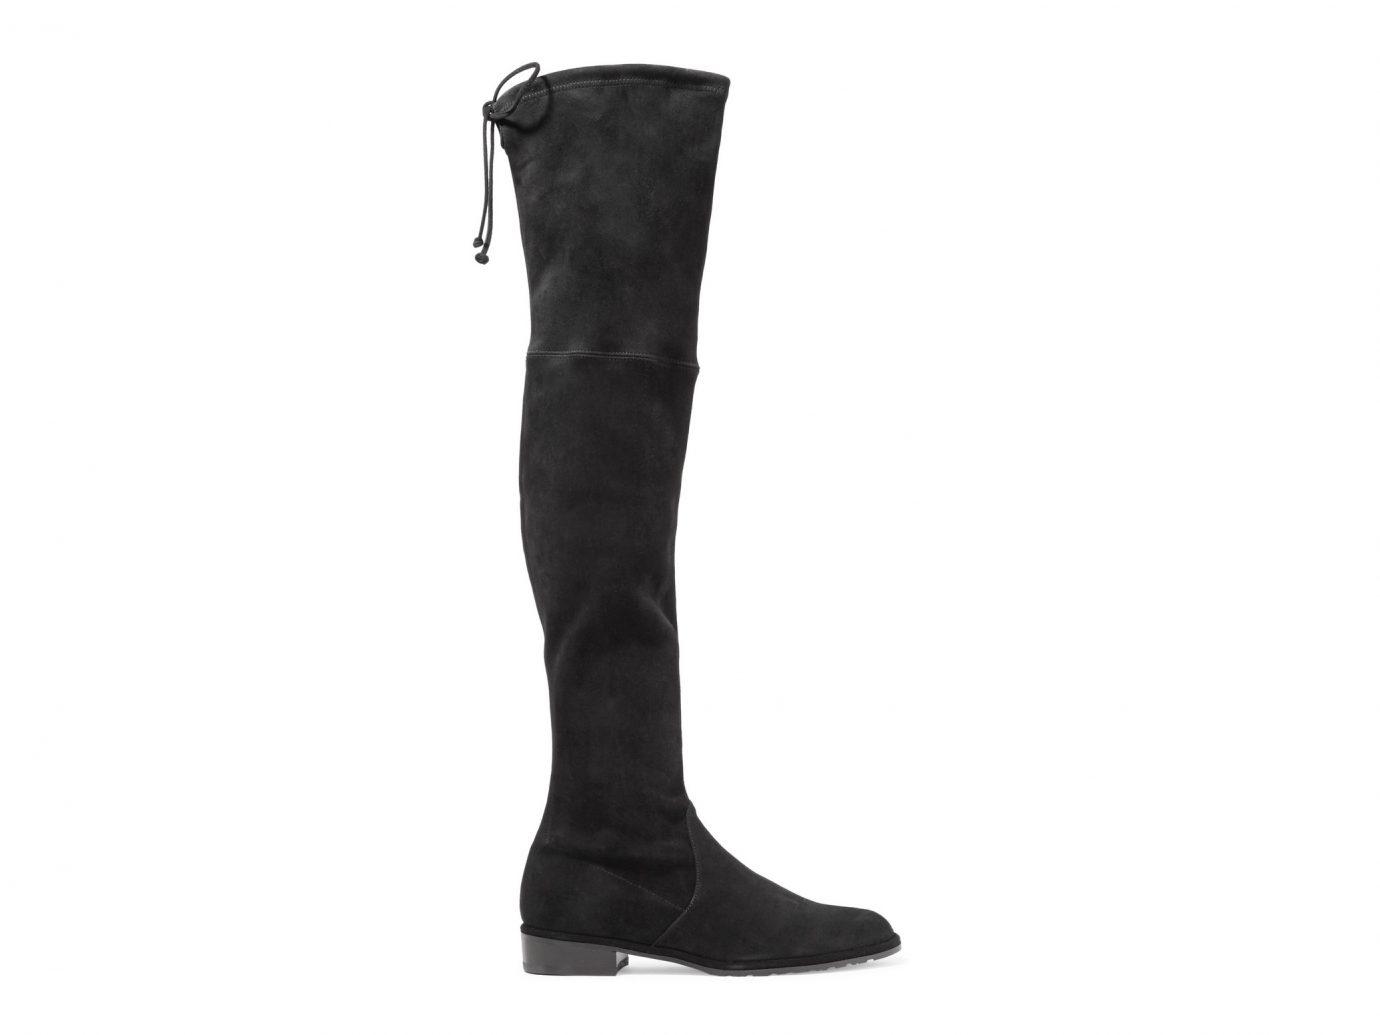 STUART WEITZMAN Lowland suede over-the-knee boots